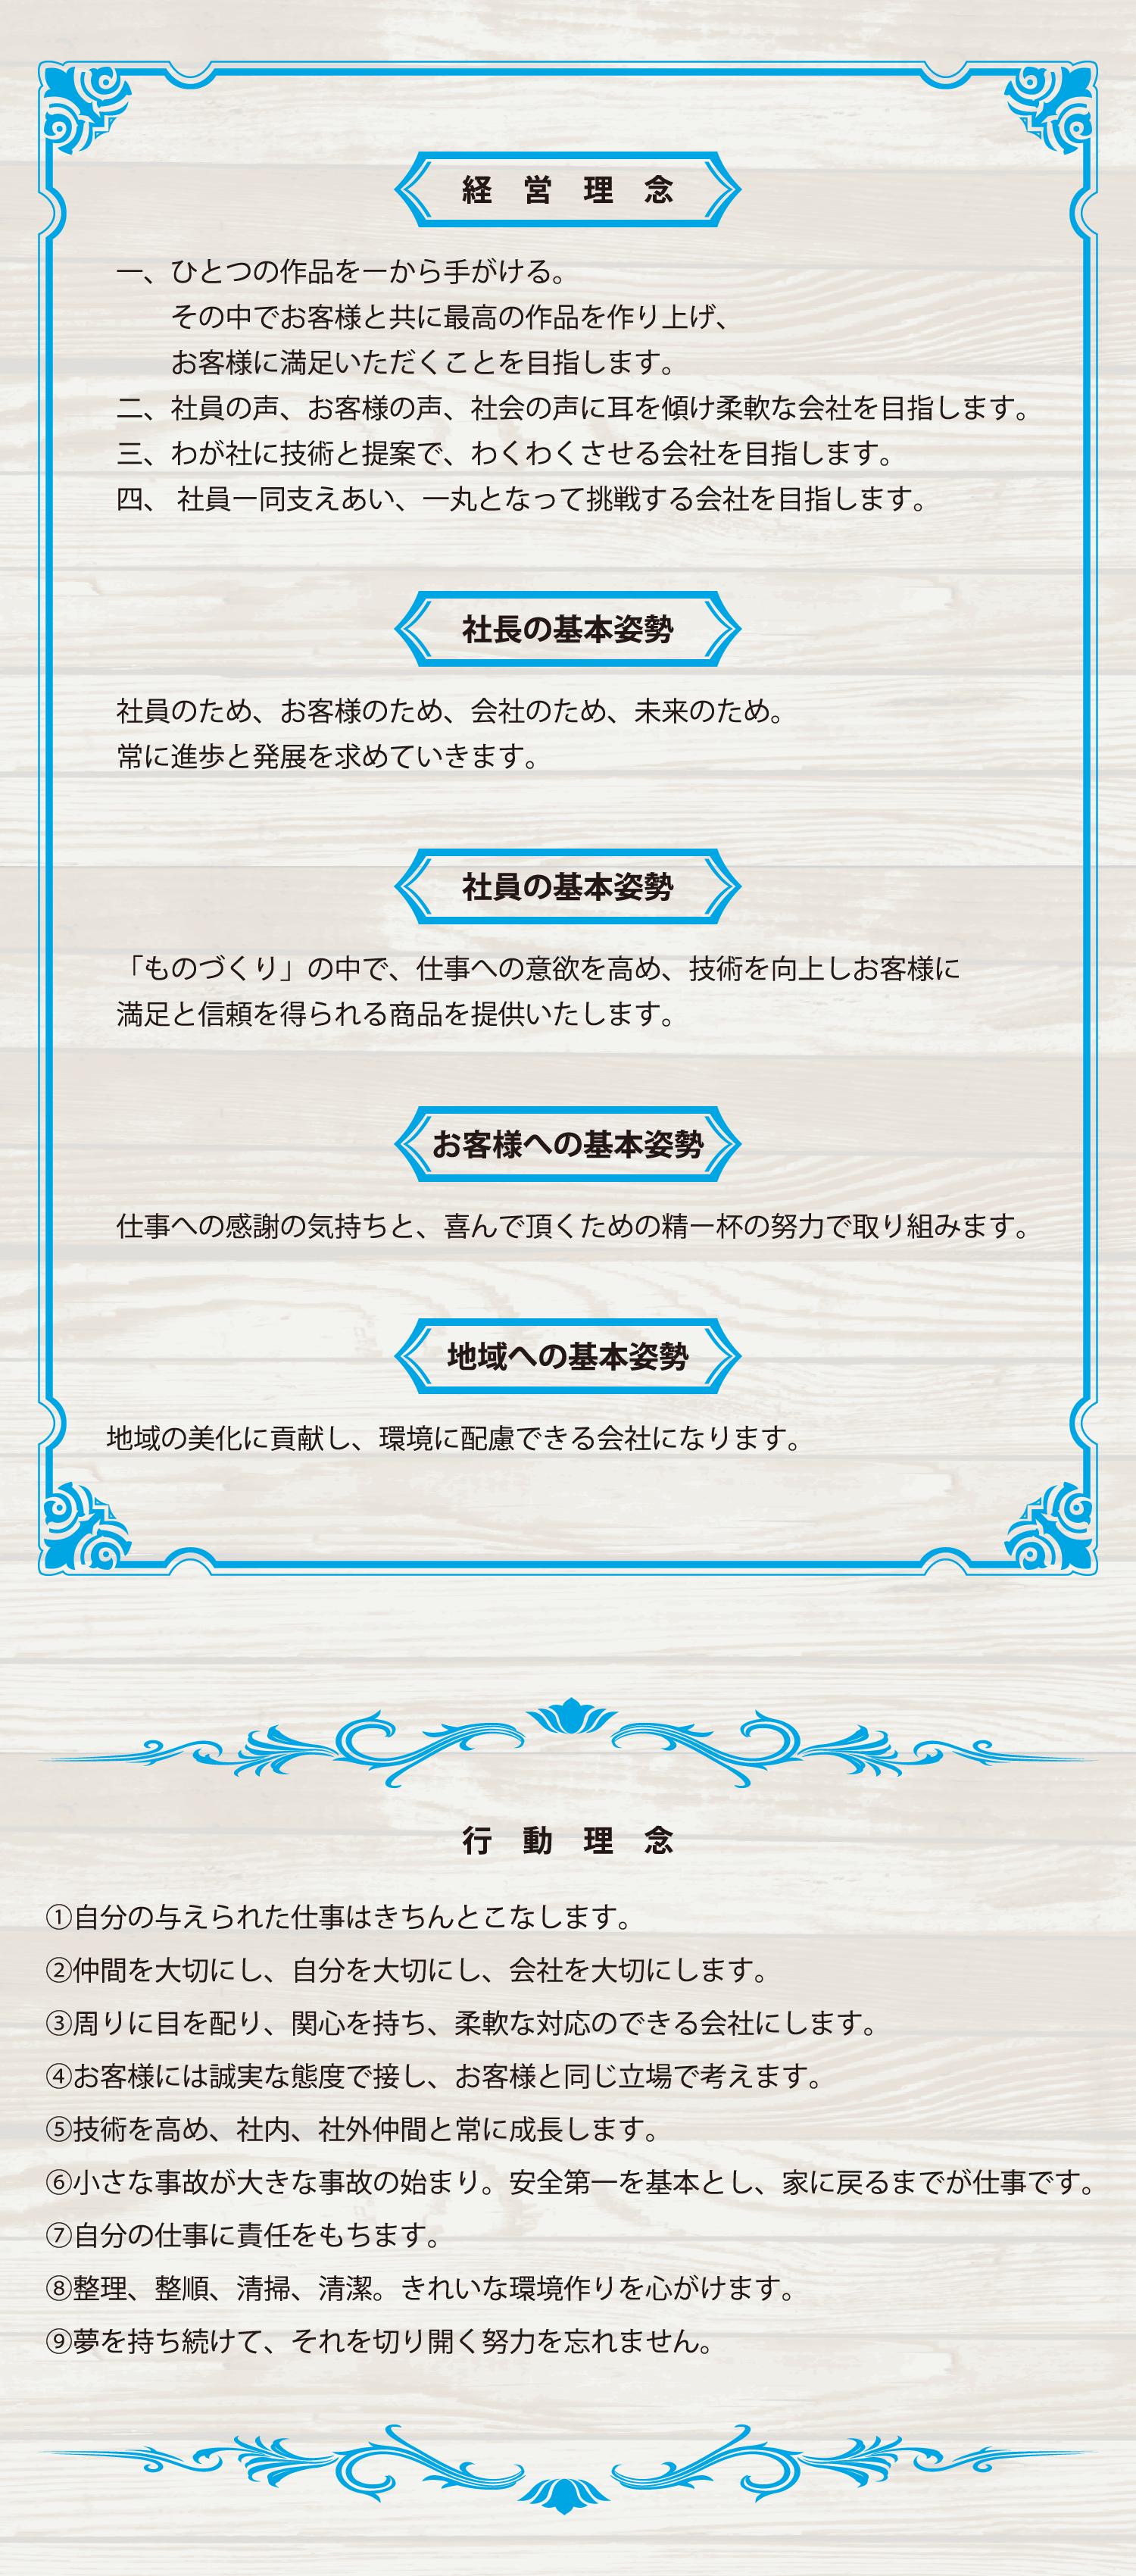 株式会社武藤の理念